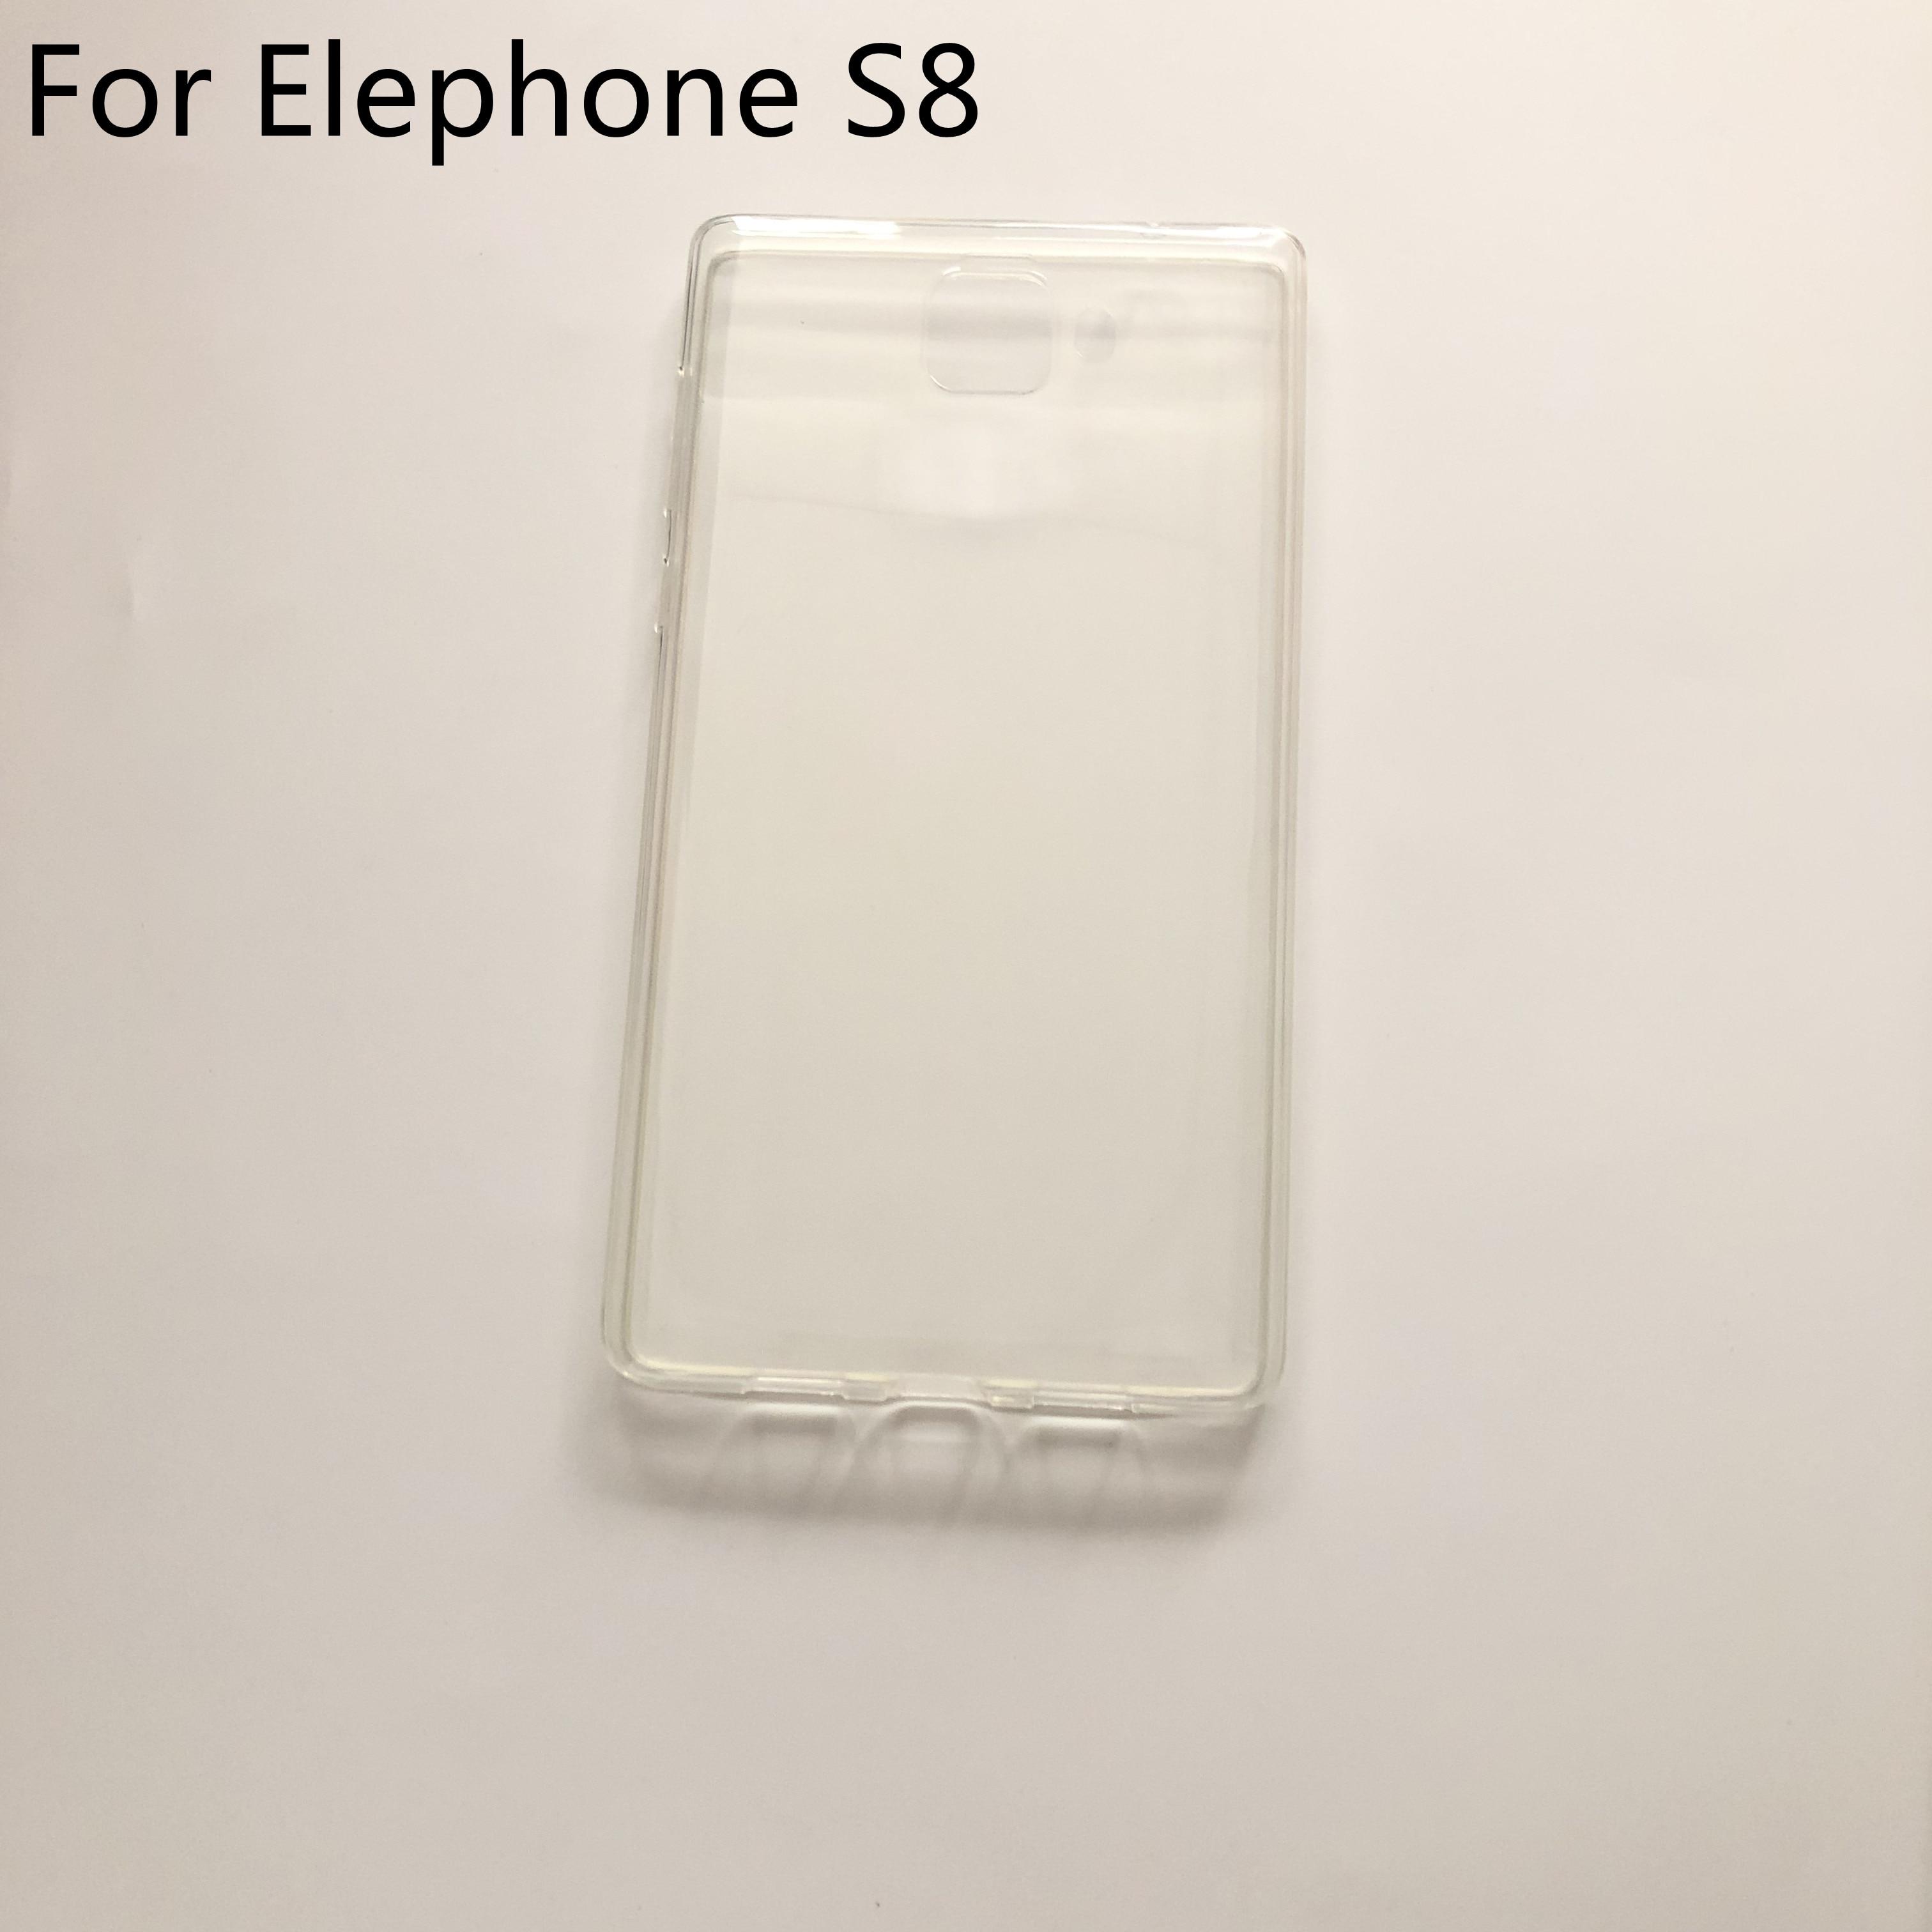 Usado tpu silicone caso claro caso macio para elephone s8 mtk helio x25 deca núcleo 6.0 Polegada fhd 2560x1440 + número de rastreamento